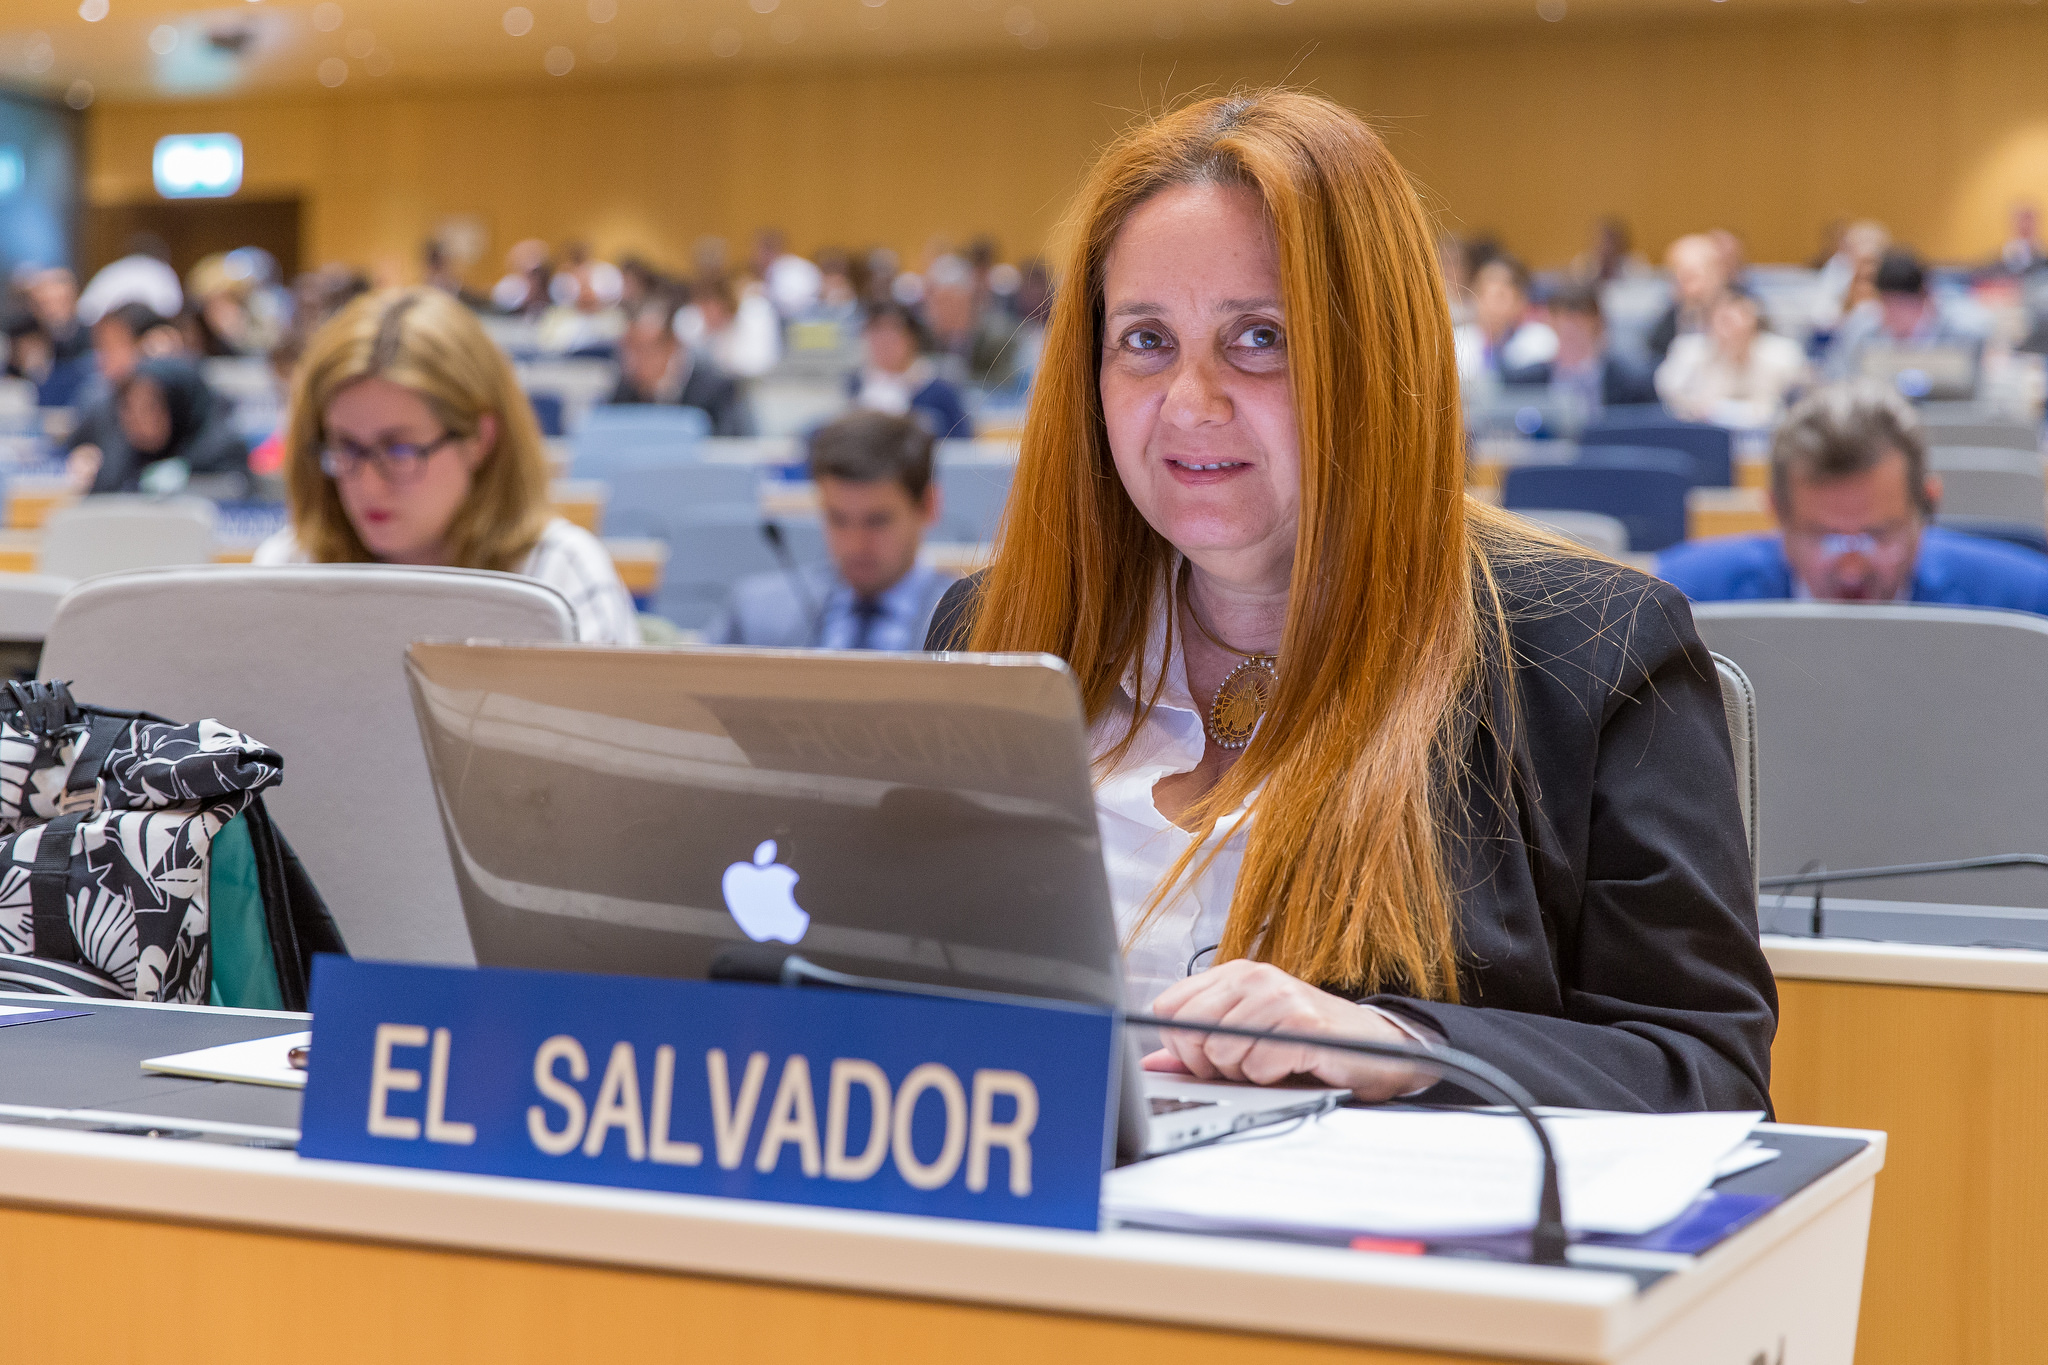 La delegada de El Salvador en el SCCR36, Diana Hasbún. Imagen tomada de Flickr por WIPO